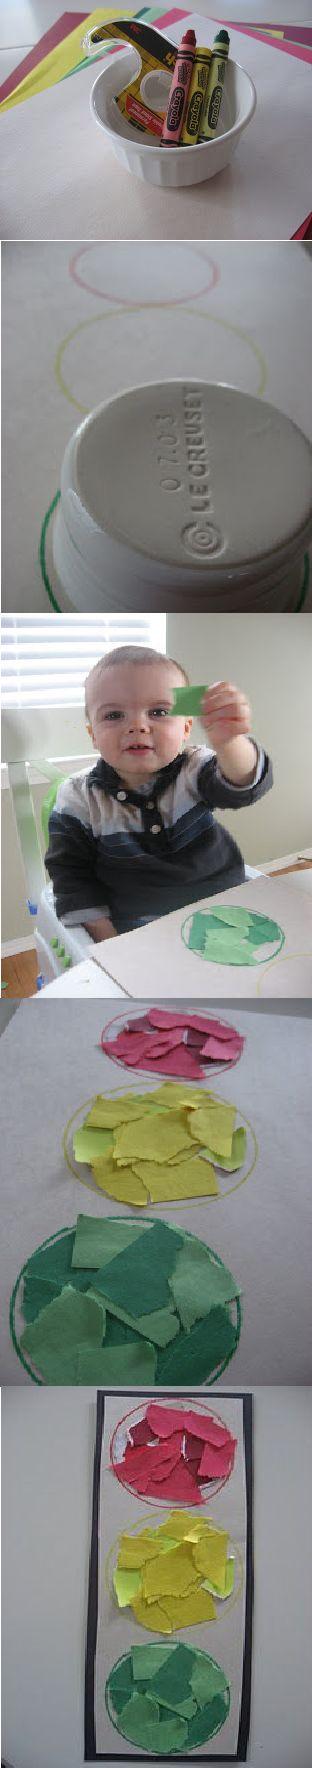 DIY: Atividade de Crianças - Semáforos